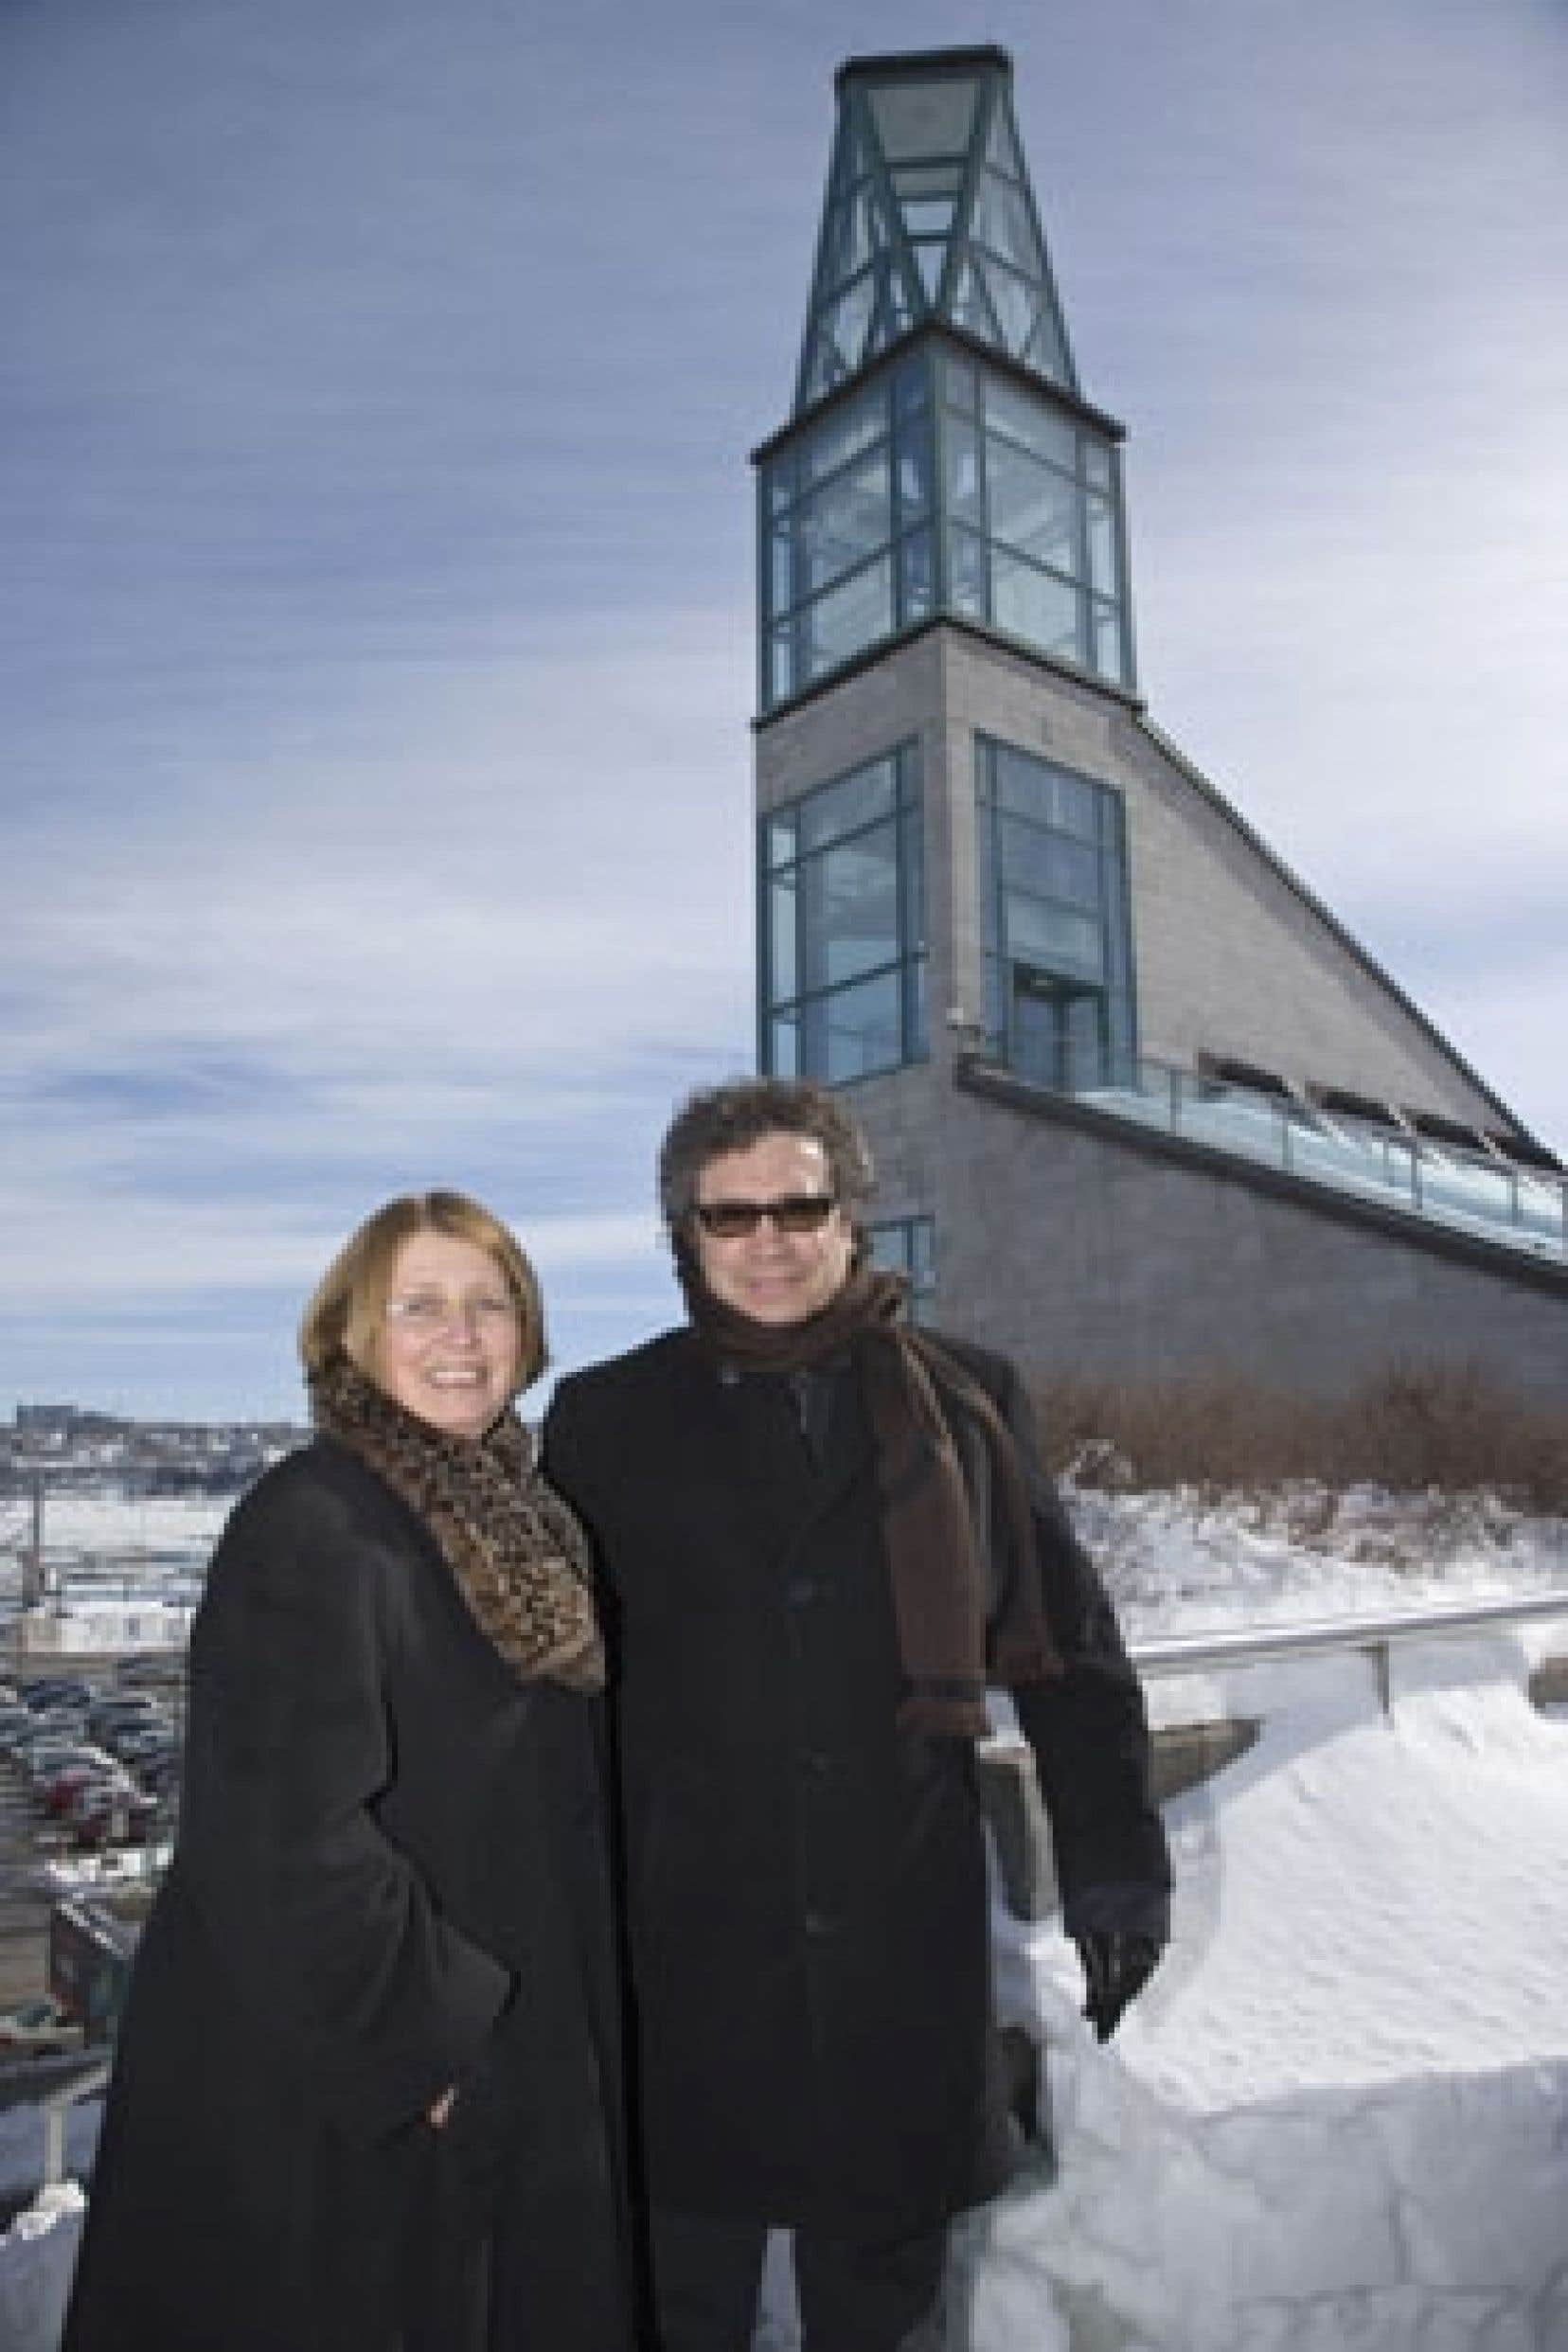 Le directrice générale du Musée de la civilisation, Claire Simard, a annoncé hier que Franco Dragone assumera la direction artistique d'un projet sur le site du Musée à Québec pour souligner le 400e anniversaire de la ville et les 20 ans de l'